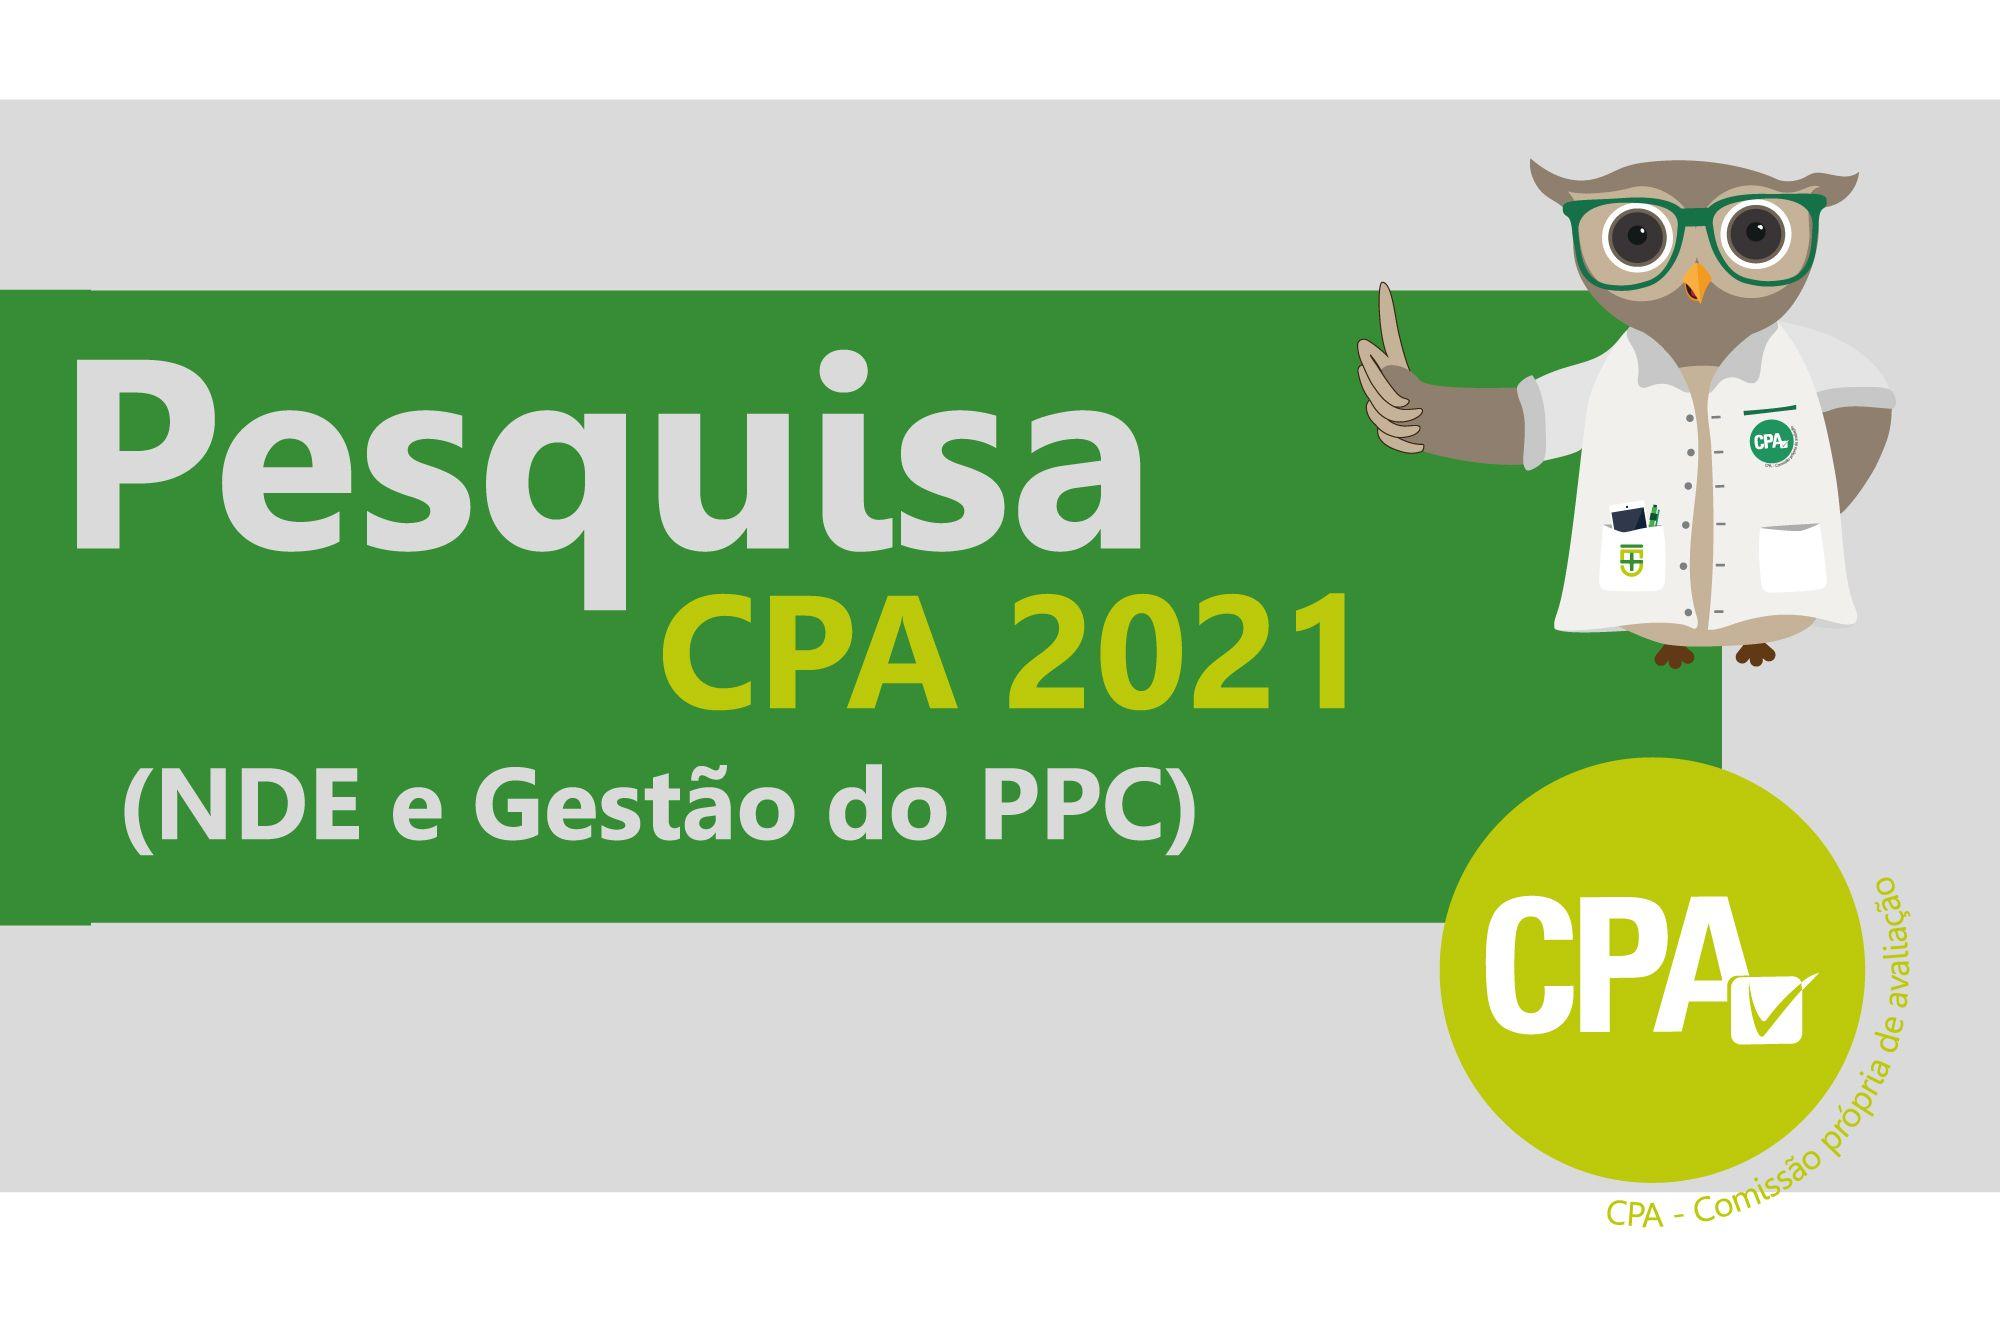 Pesquisa CPA 2021 (NDE e Gestão do PPC)